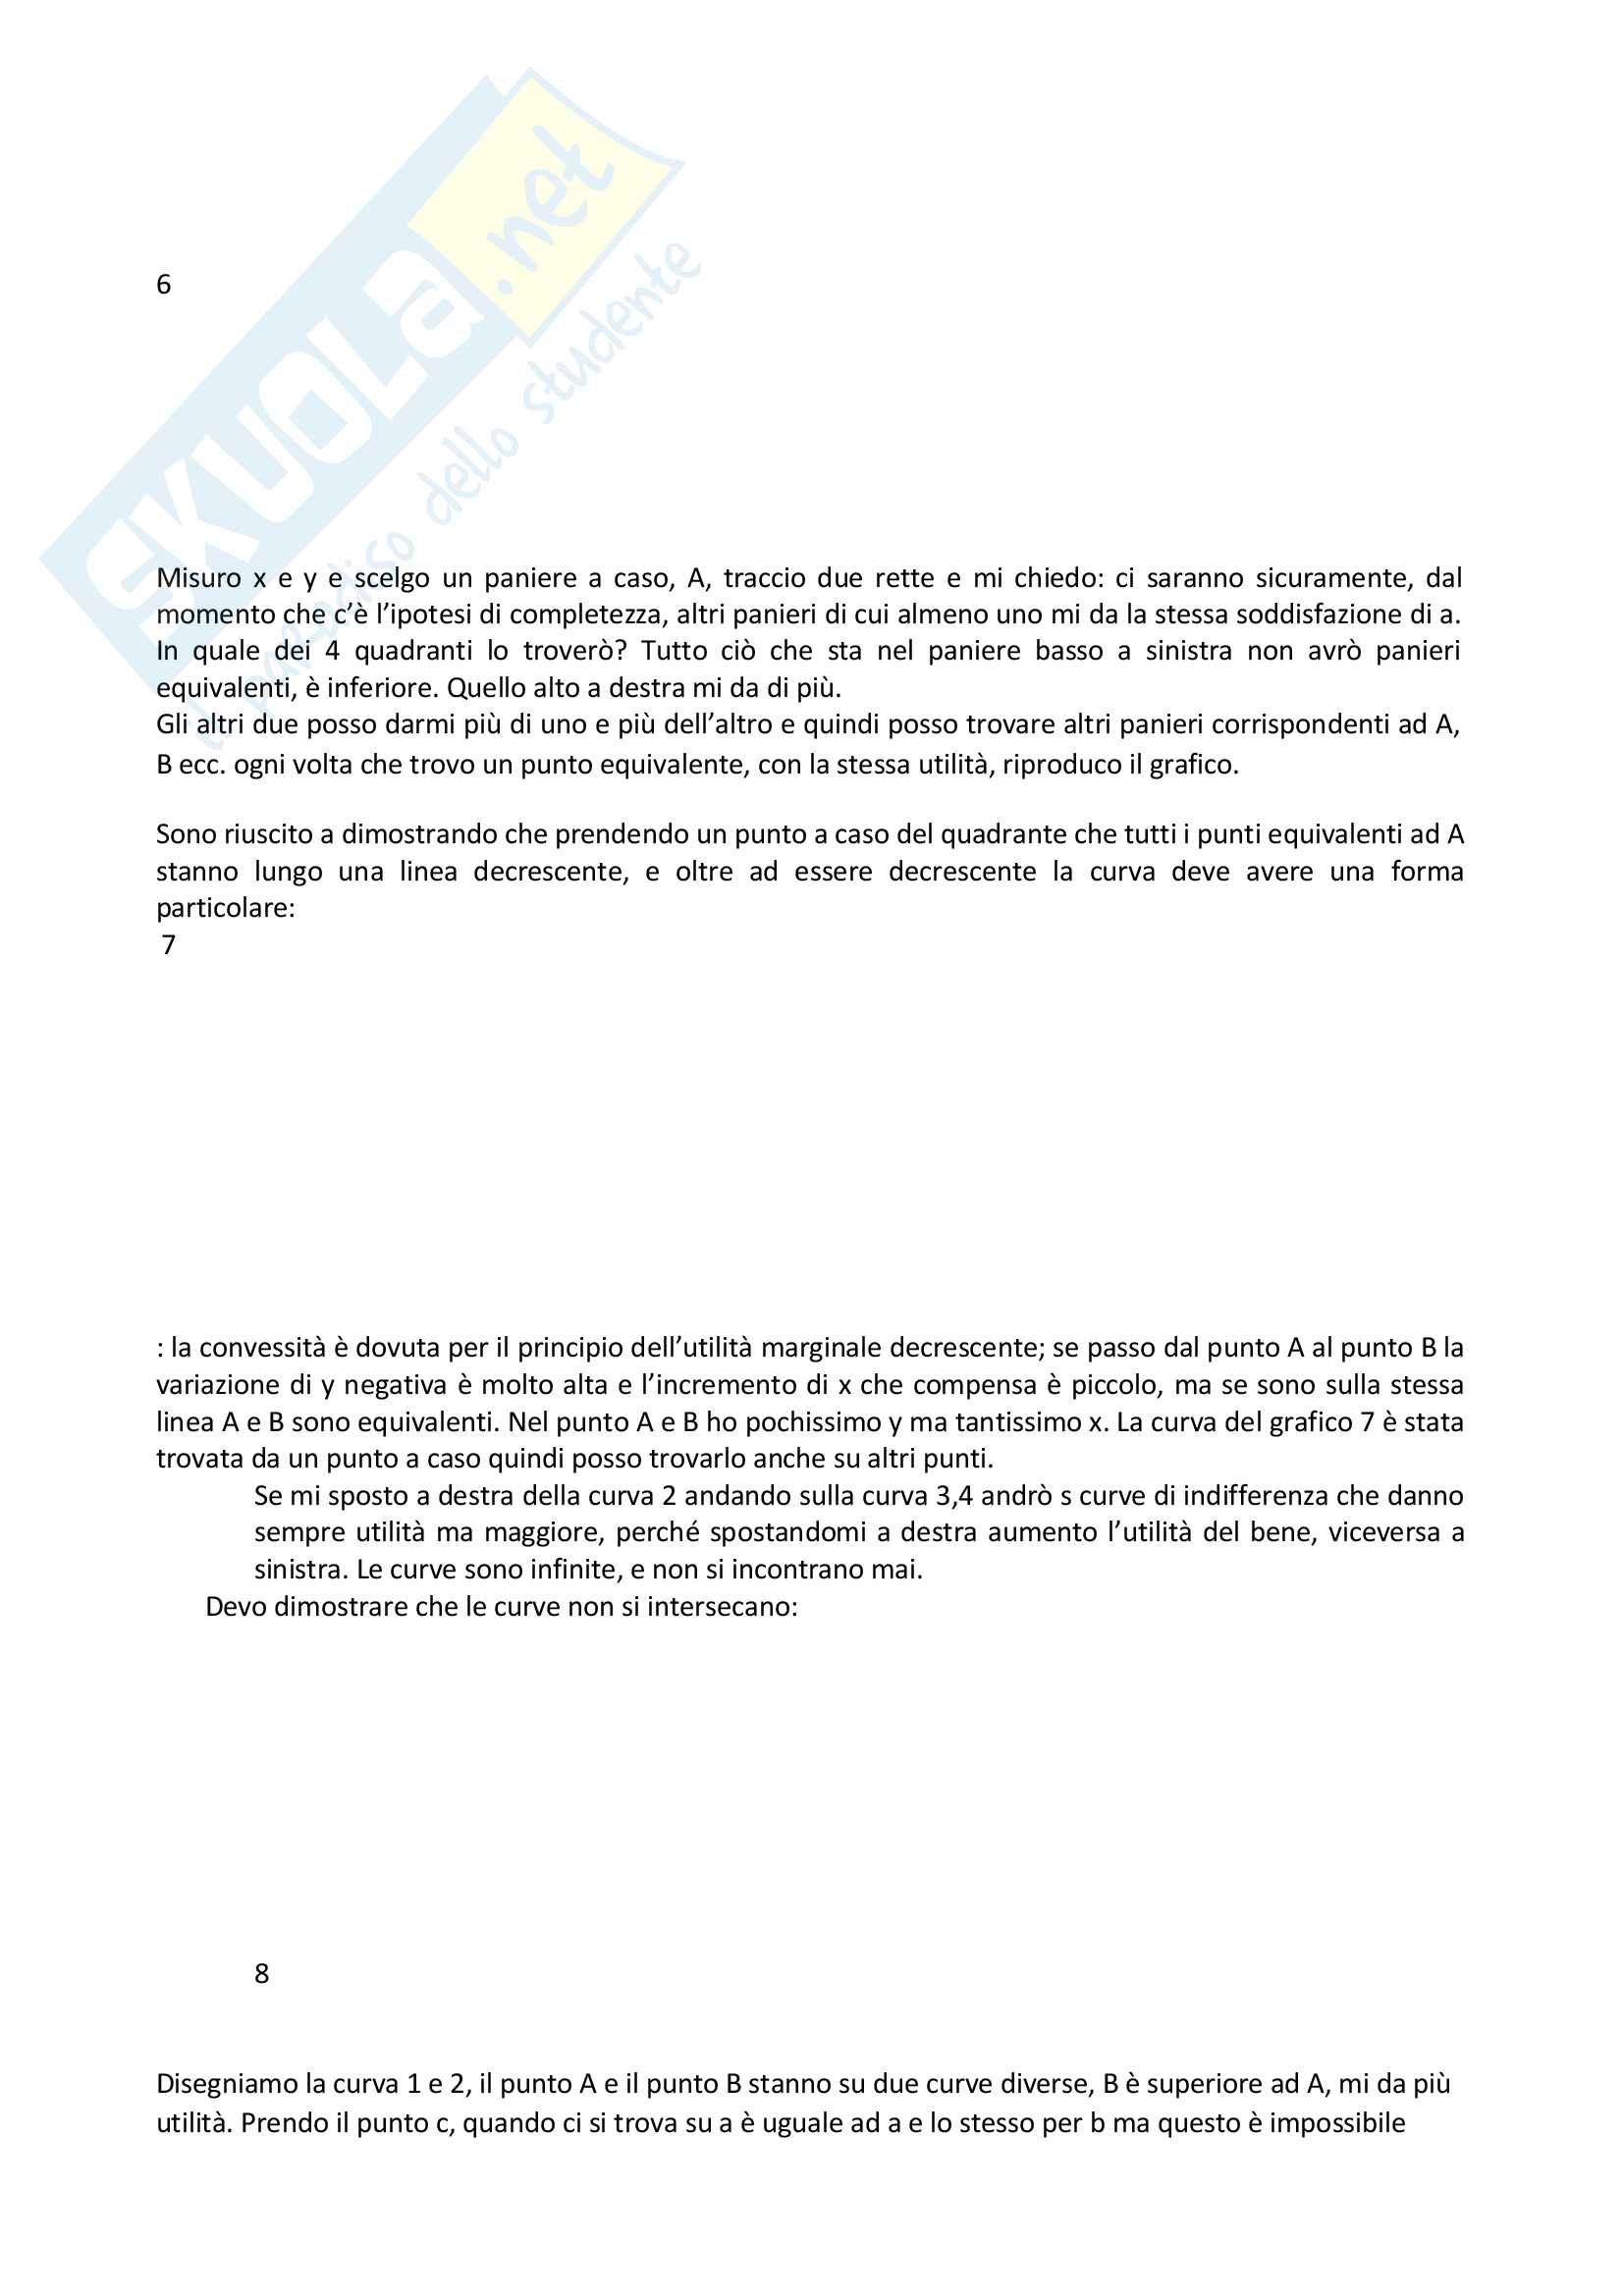 Appunti lezioni Economia Politica prof Goglio UNITN Trento corso A/L 2016 Pag. 31